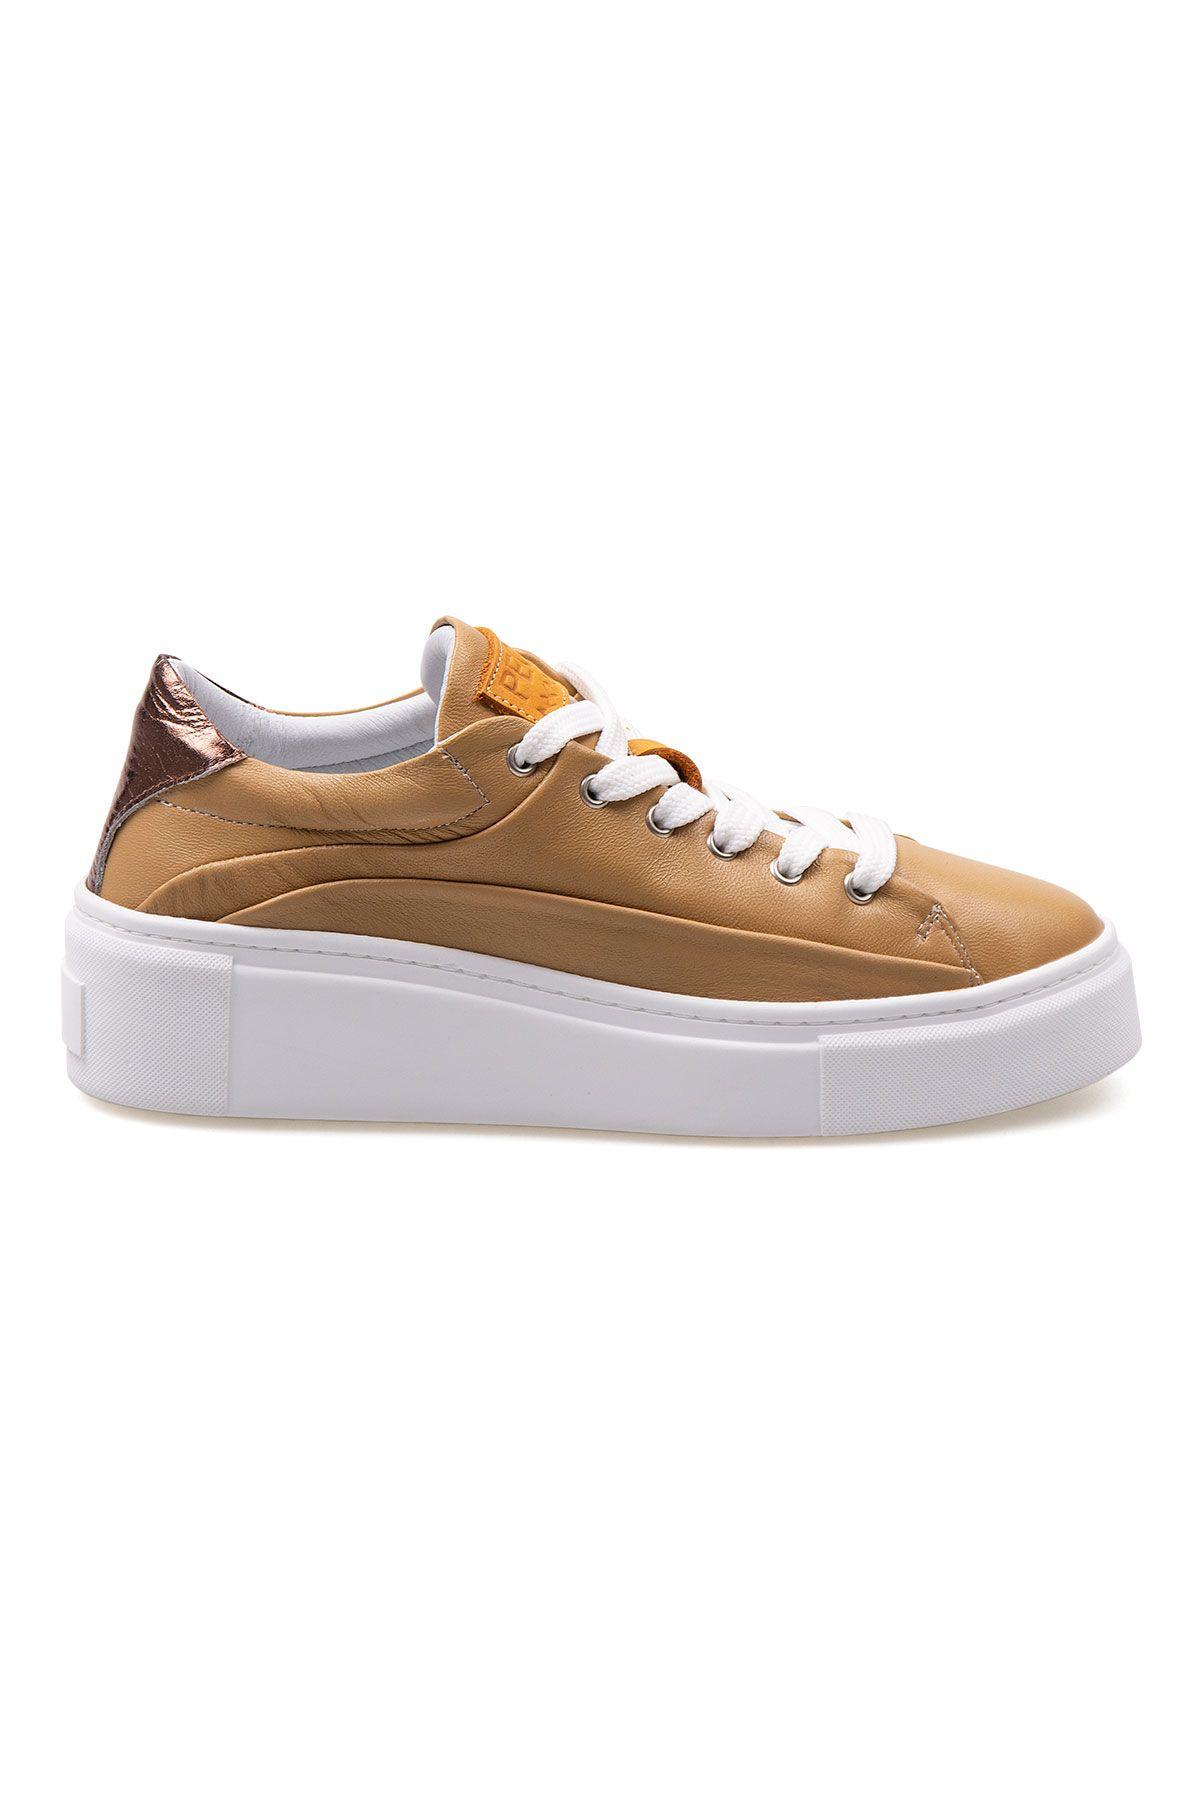 Pegia Genuine Leather Women's Sneaker LA1609 Ginger